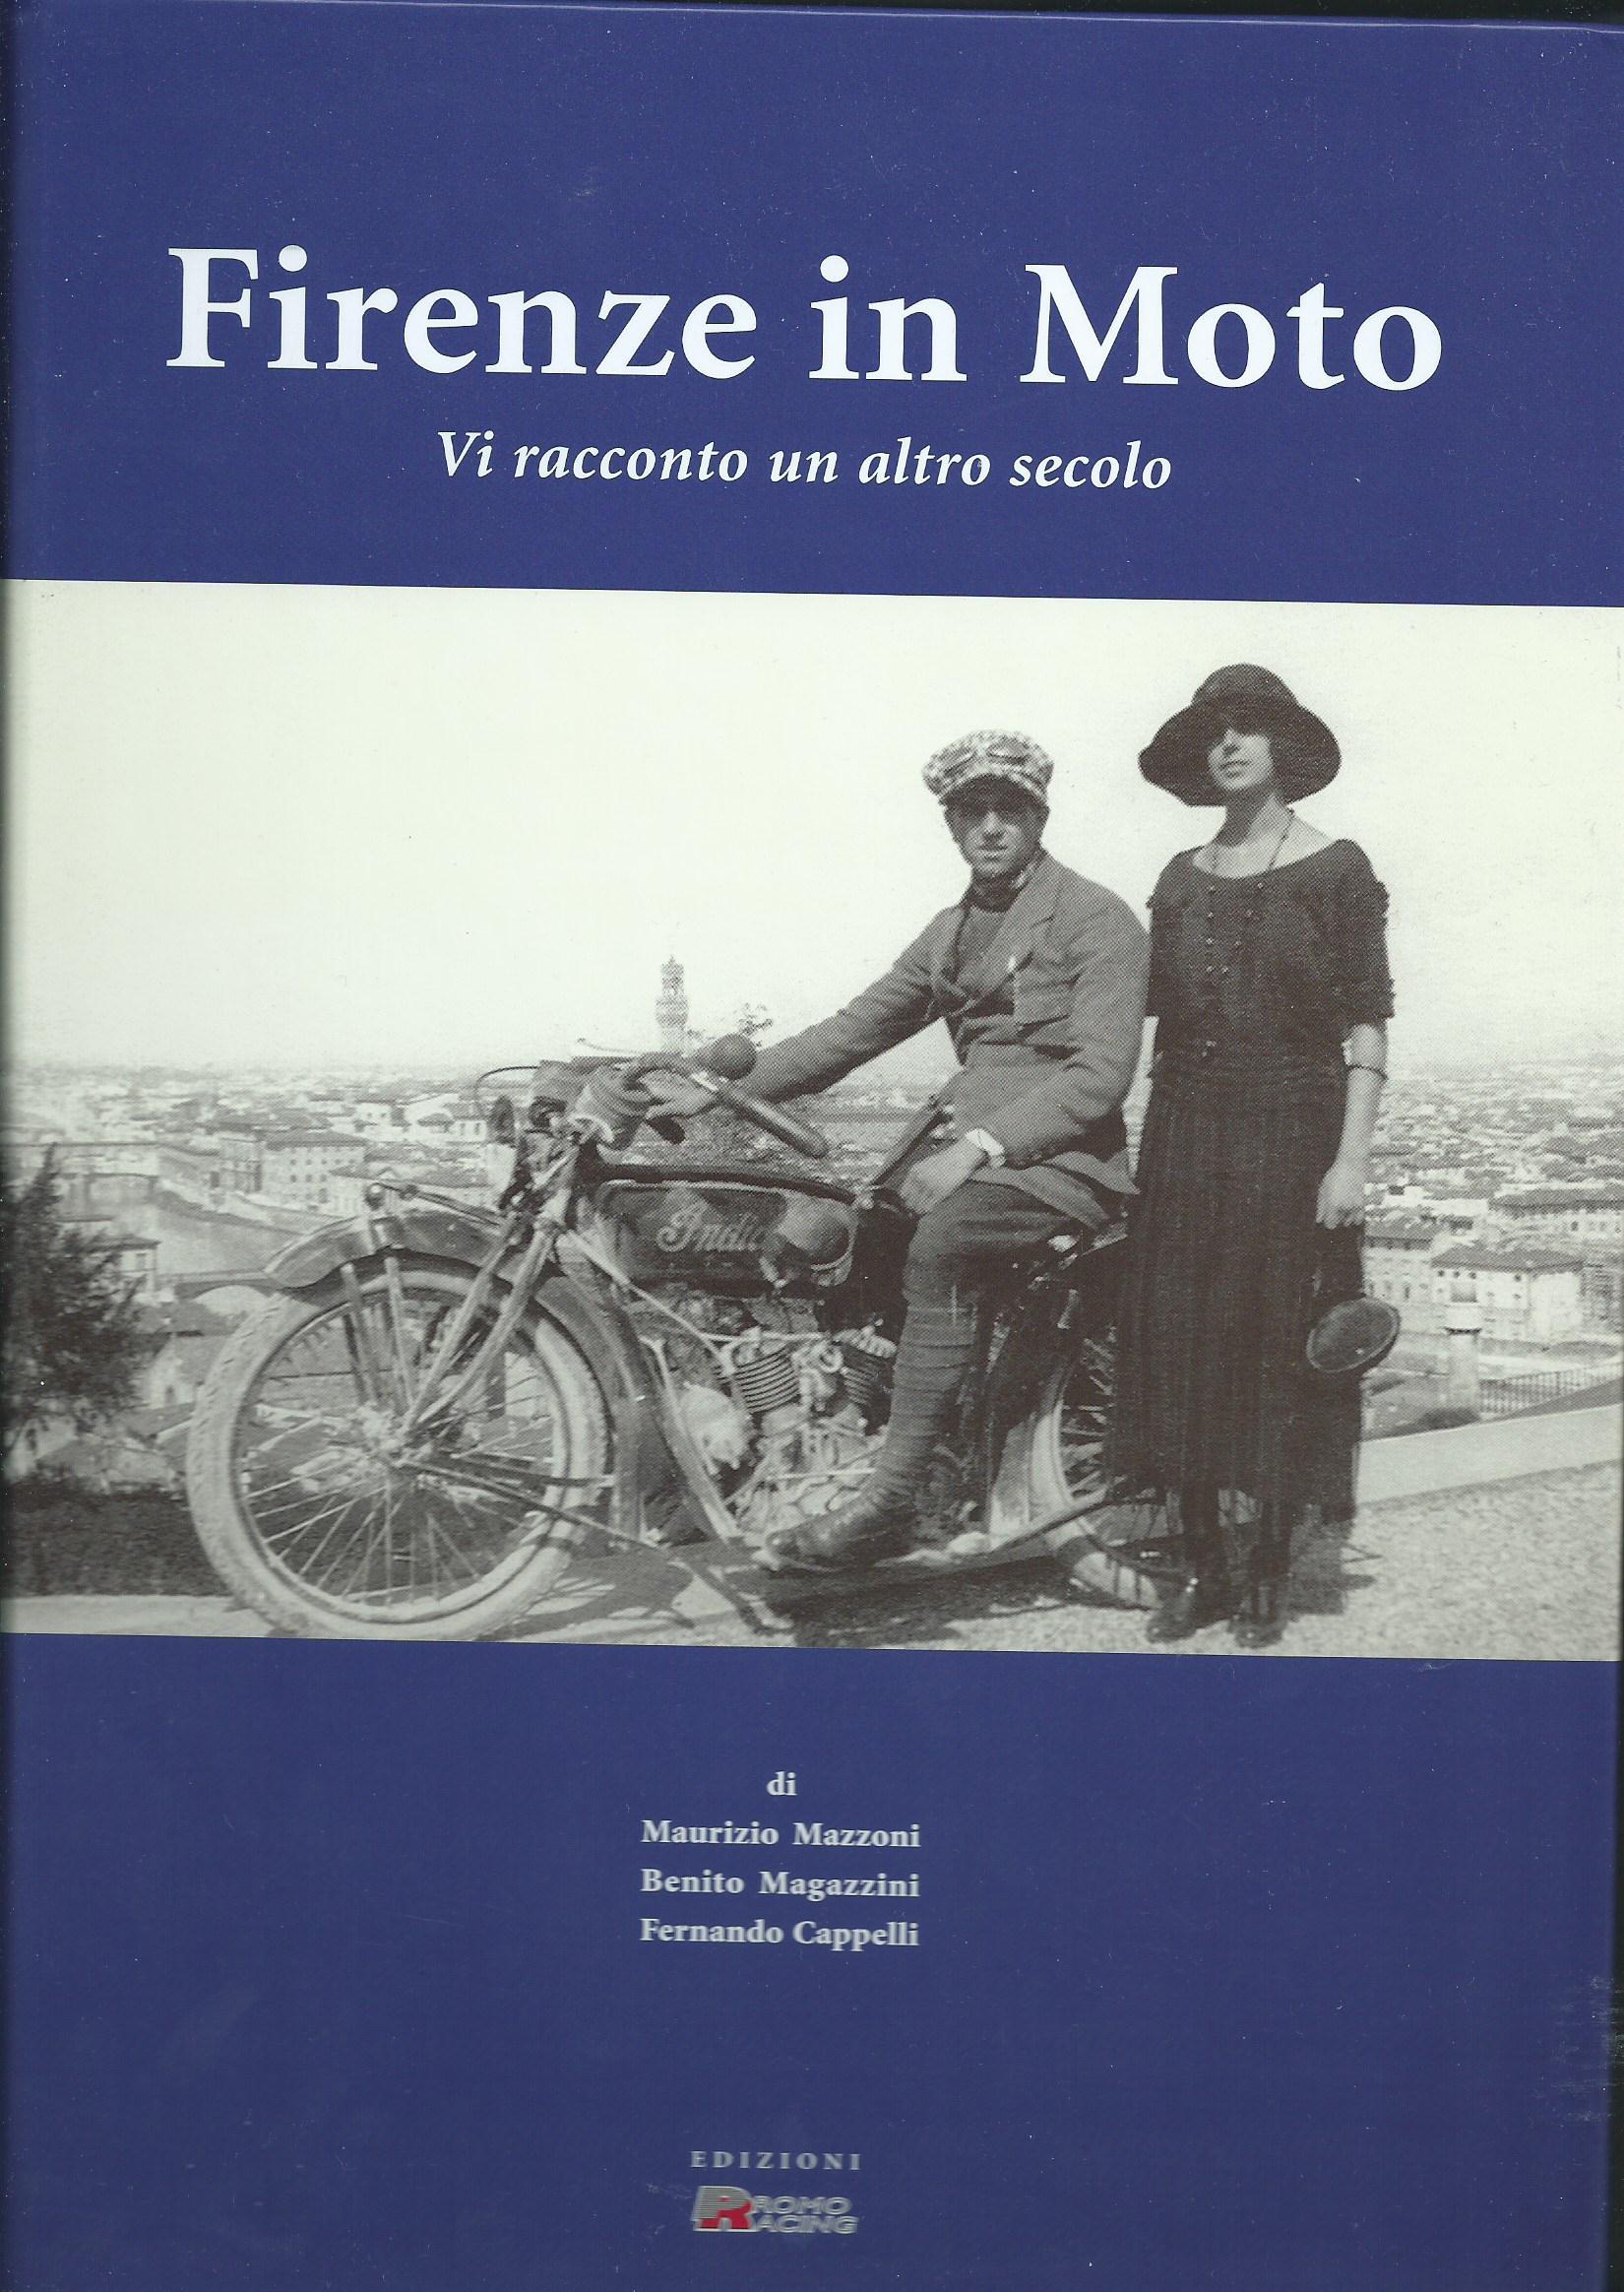 Firenze in moto